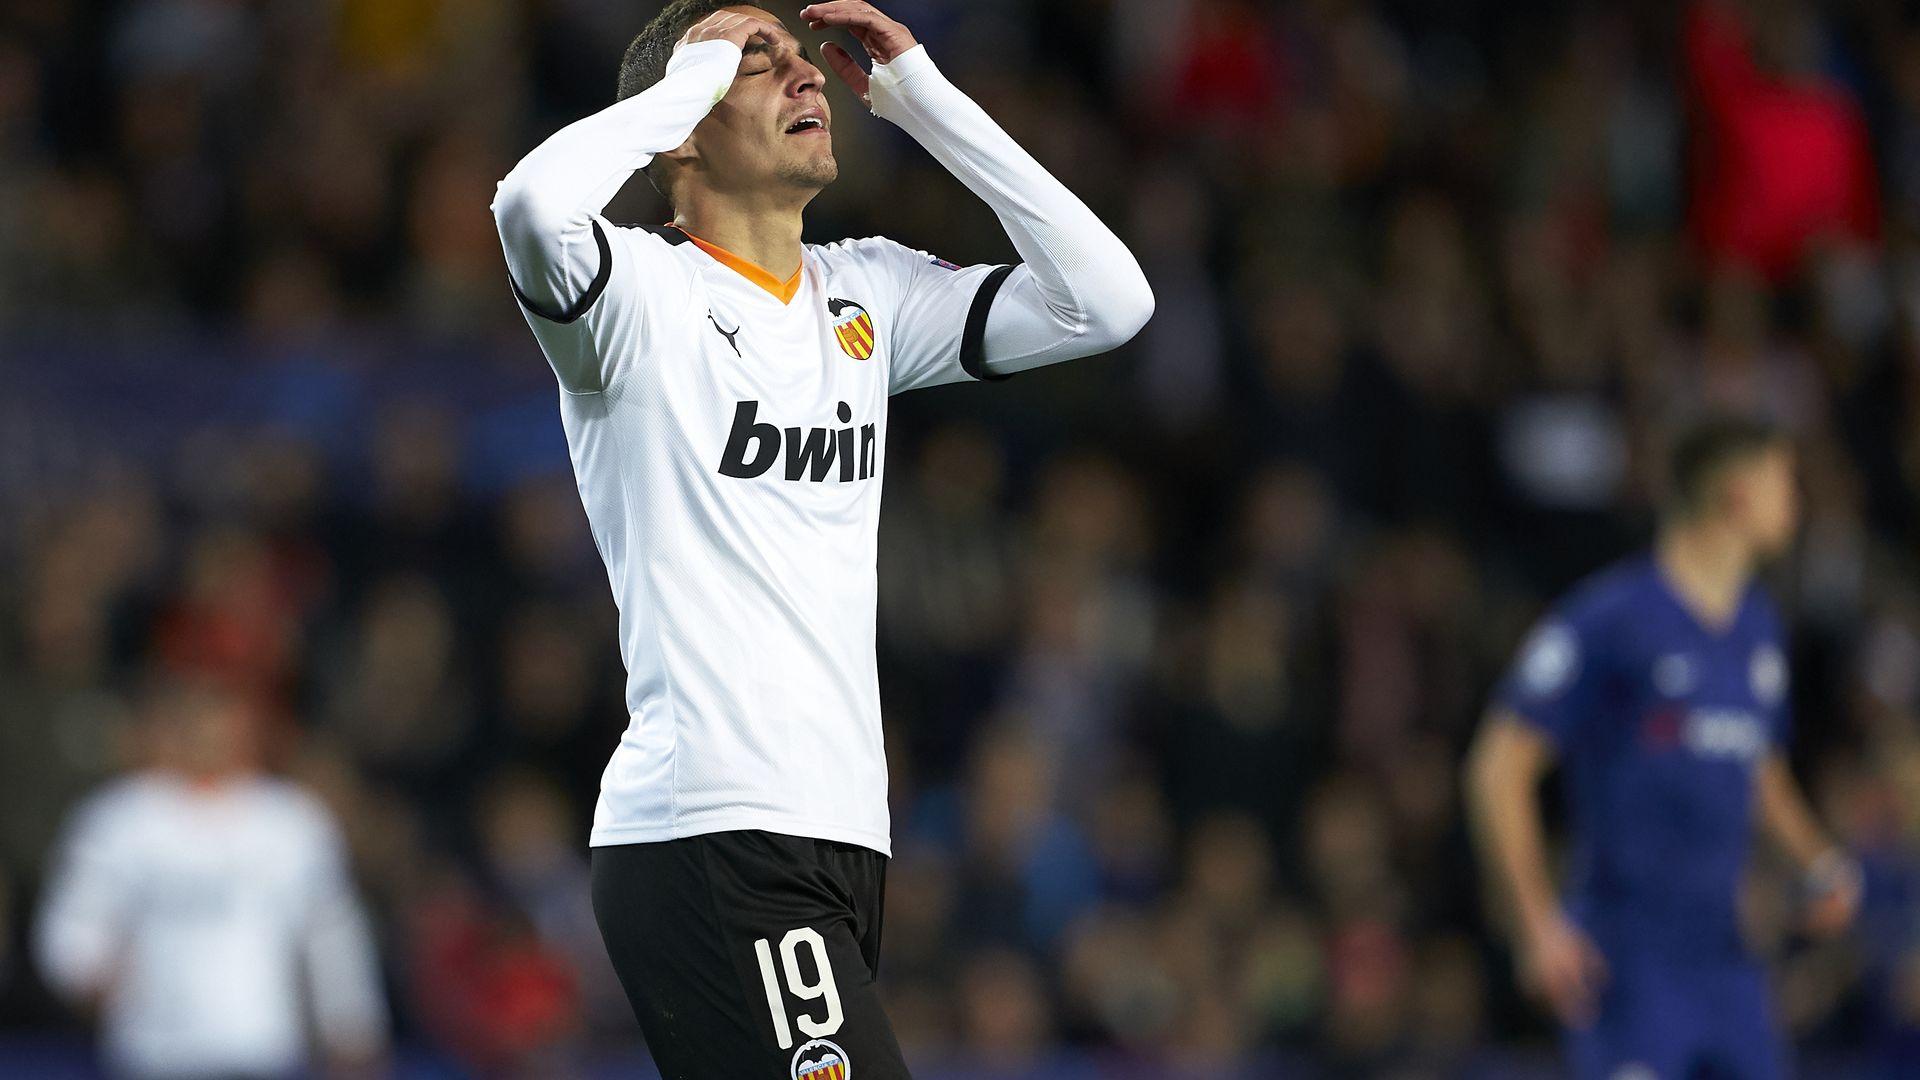 Криза във Валенсия: Пари за заплати няма, а всеки играч се продава